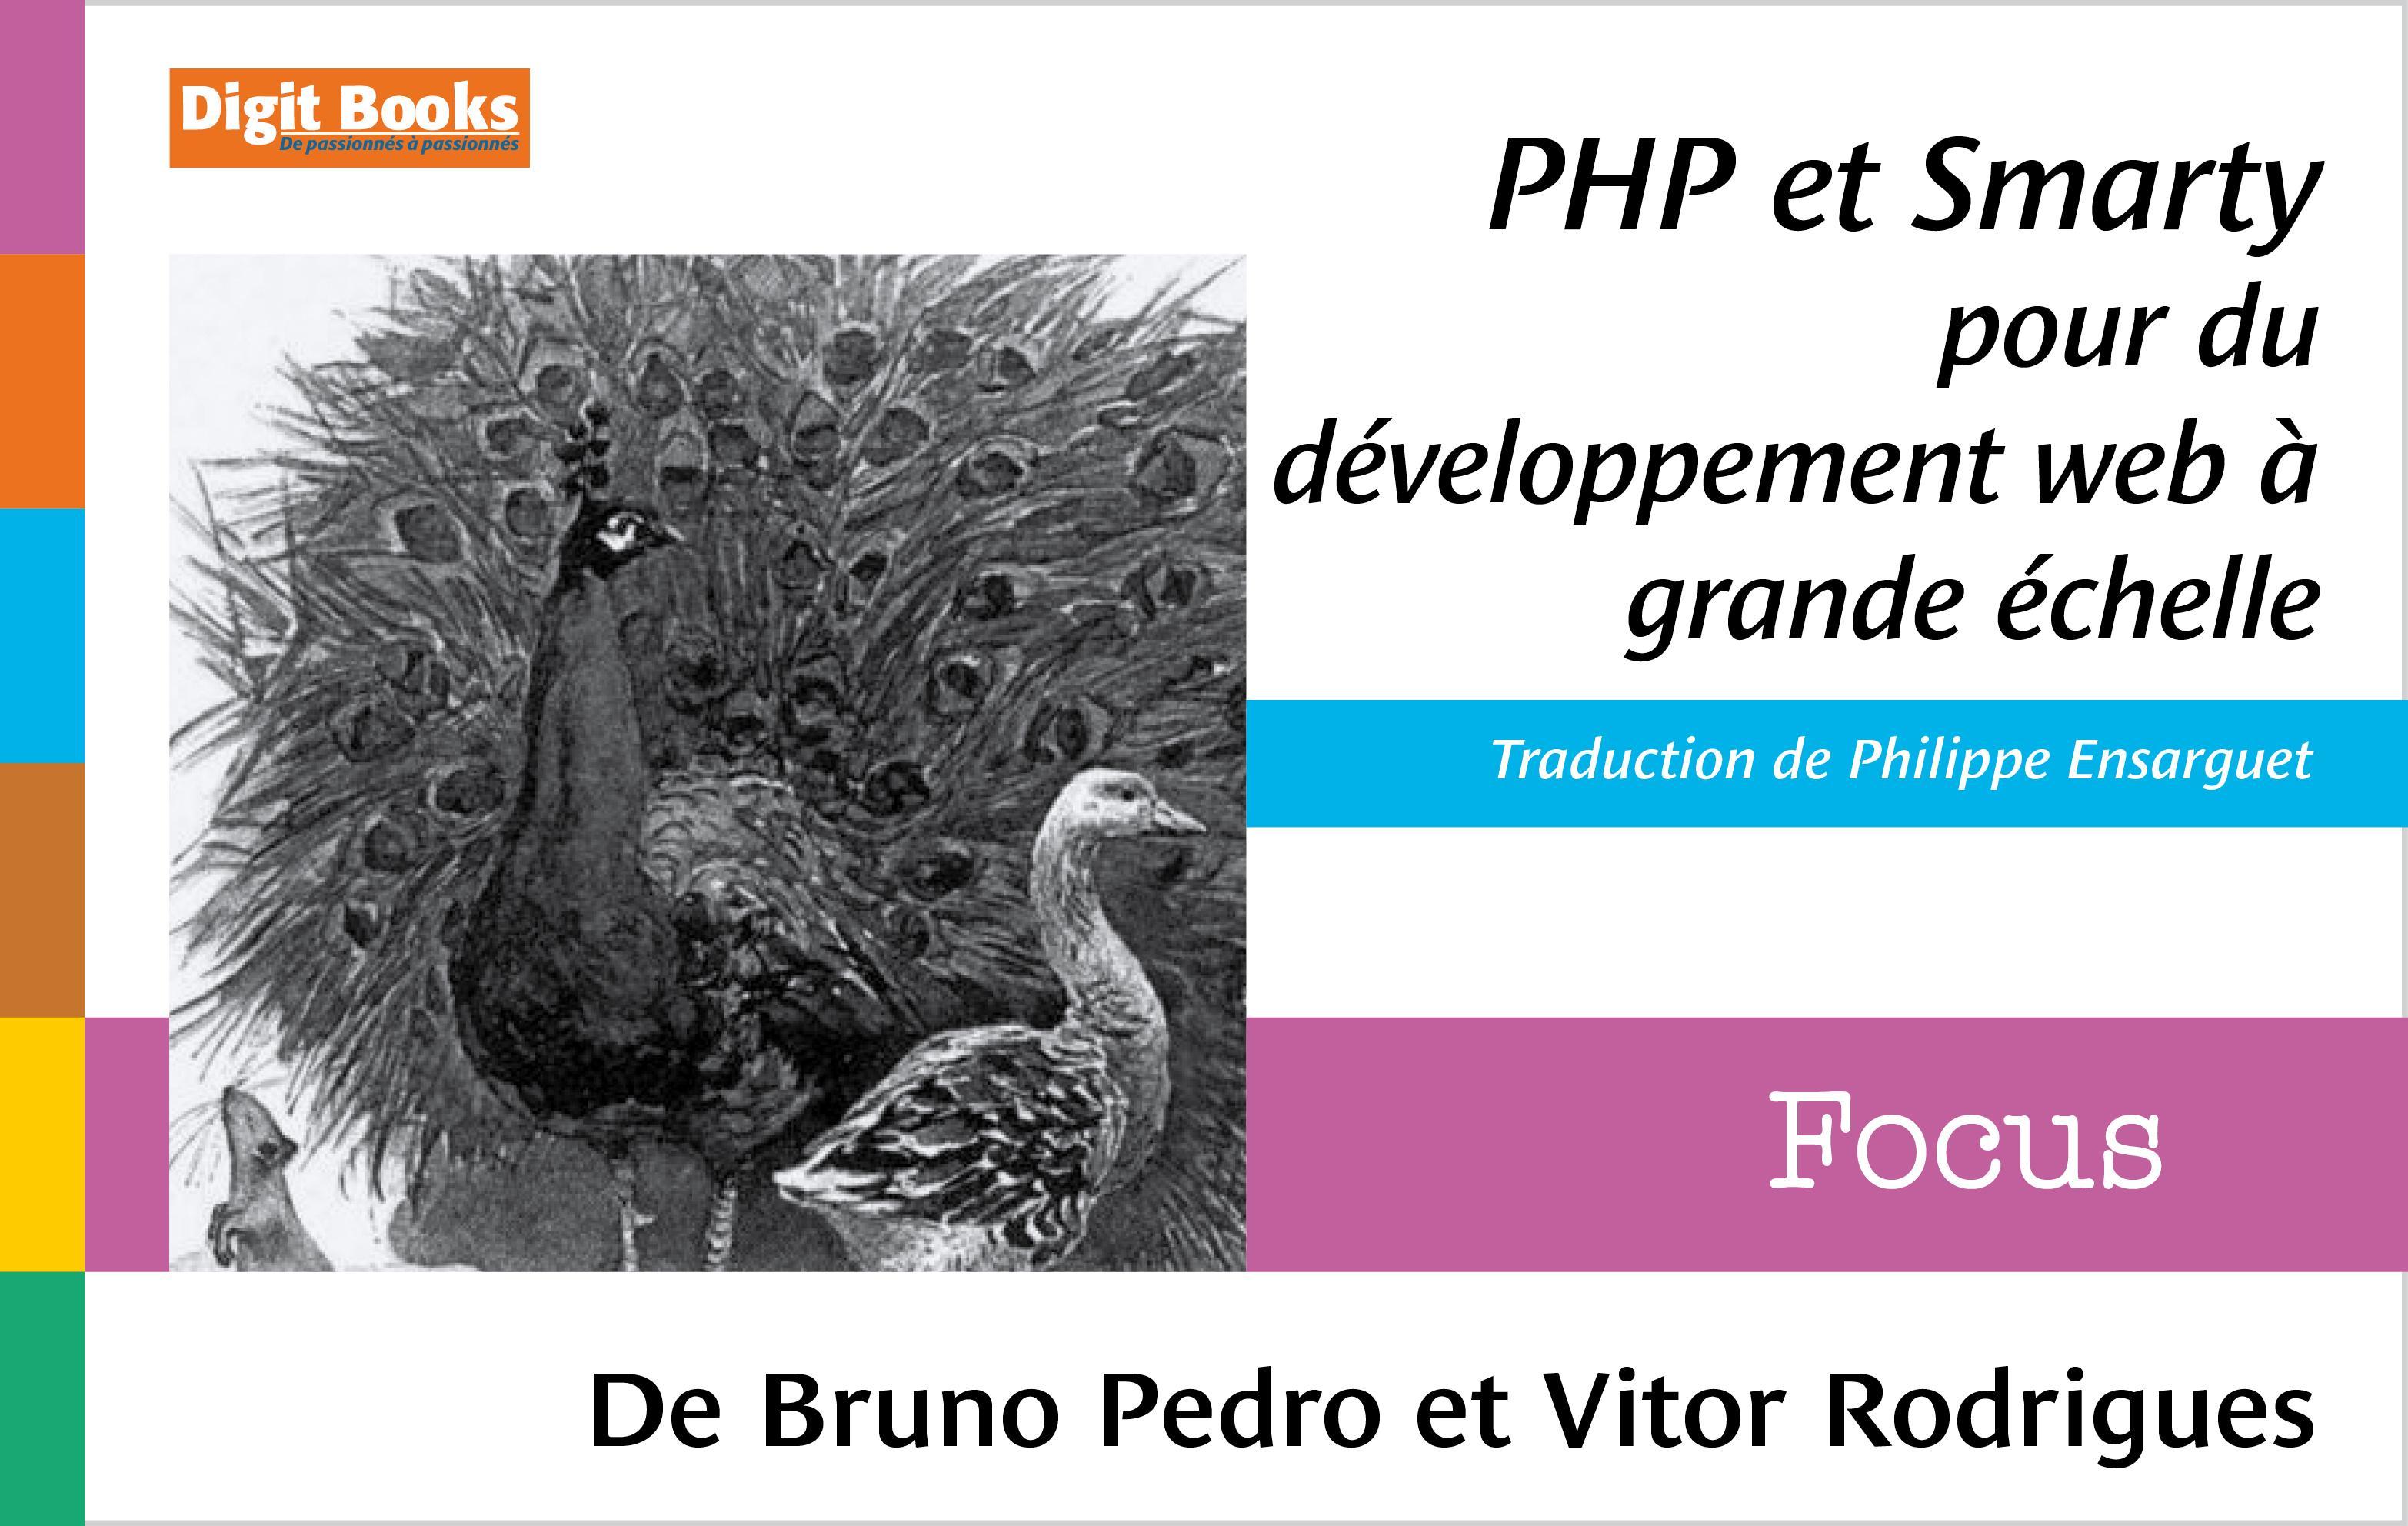 PHP et Smarty pour du développement web à grande échelle